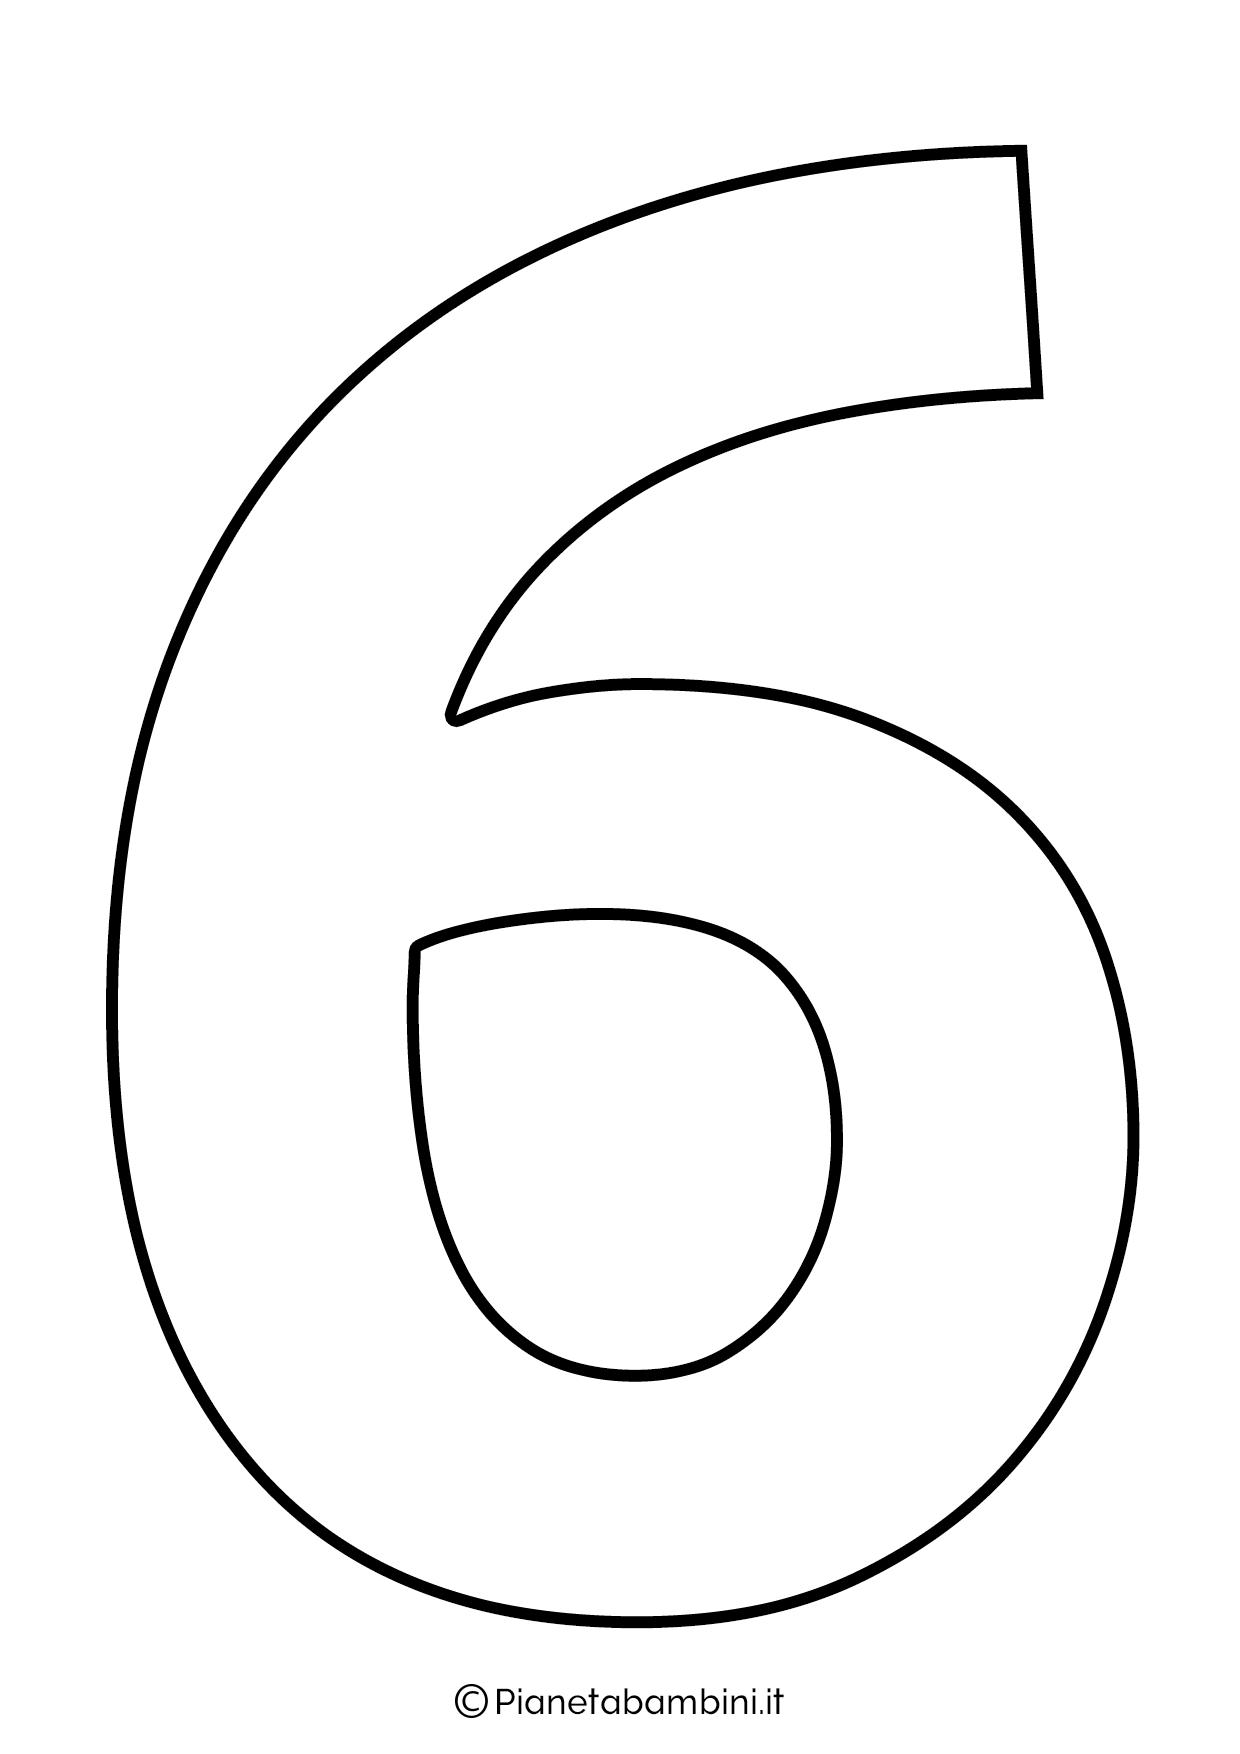 Numero 6 da stampare